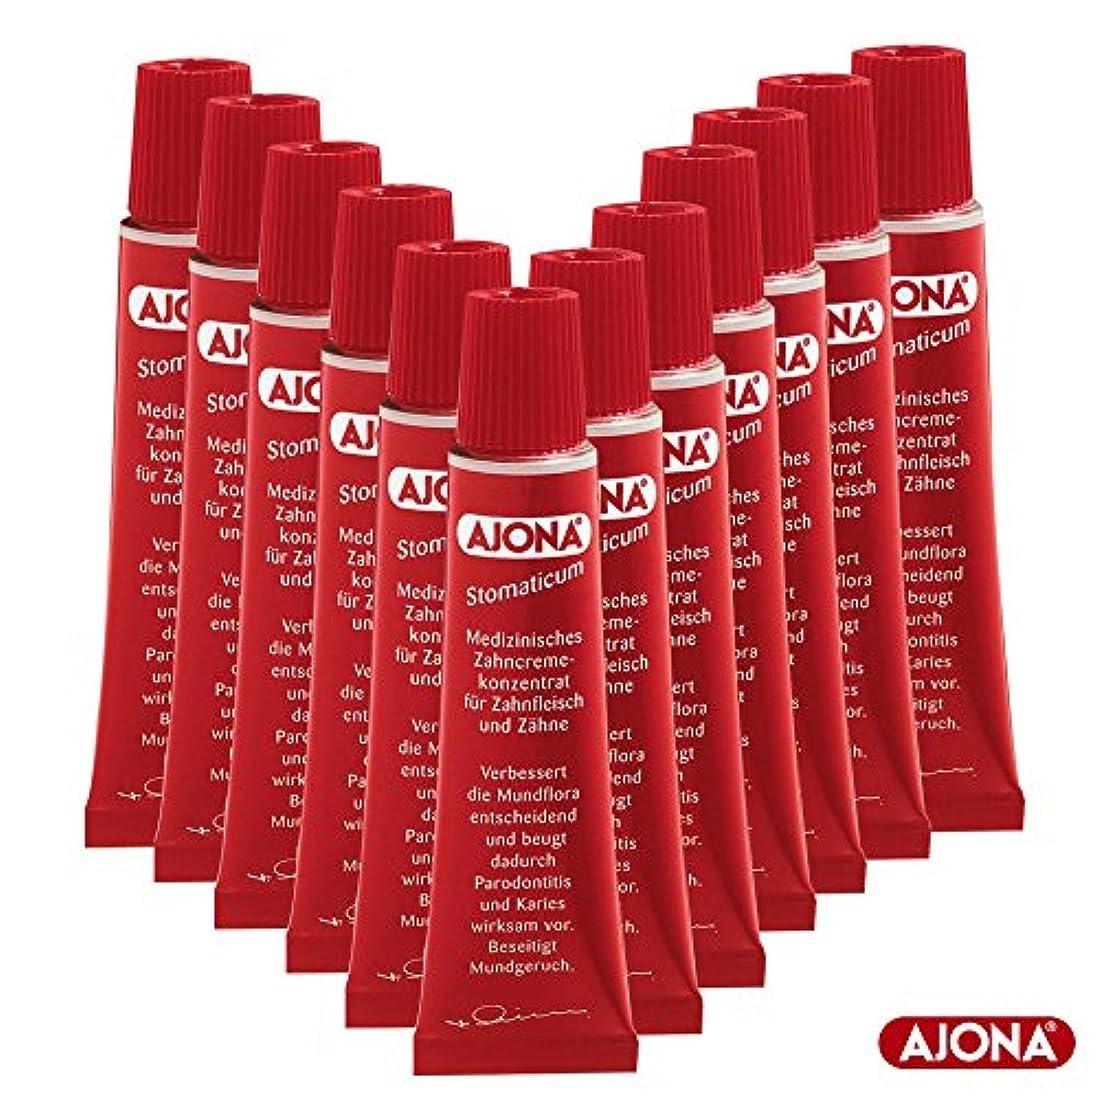 芽後方にディンカルビルAjona 濃縮歯磨き粉 Stomaticum Toothpaste 25ml(12x 25ml)-12Pack [並行輸入品]